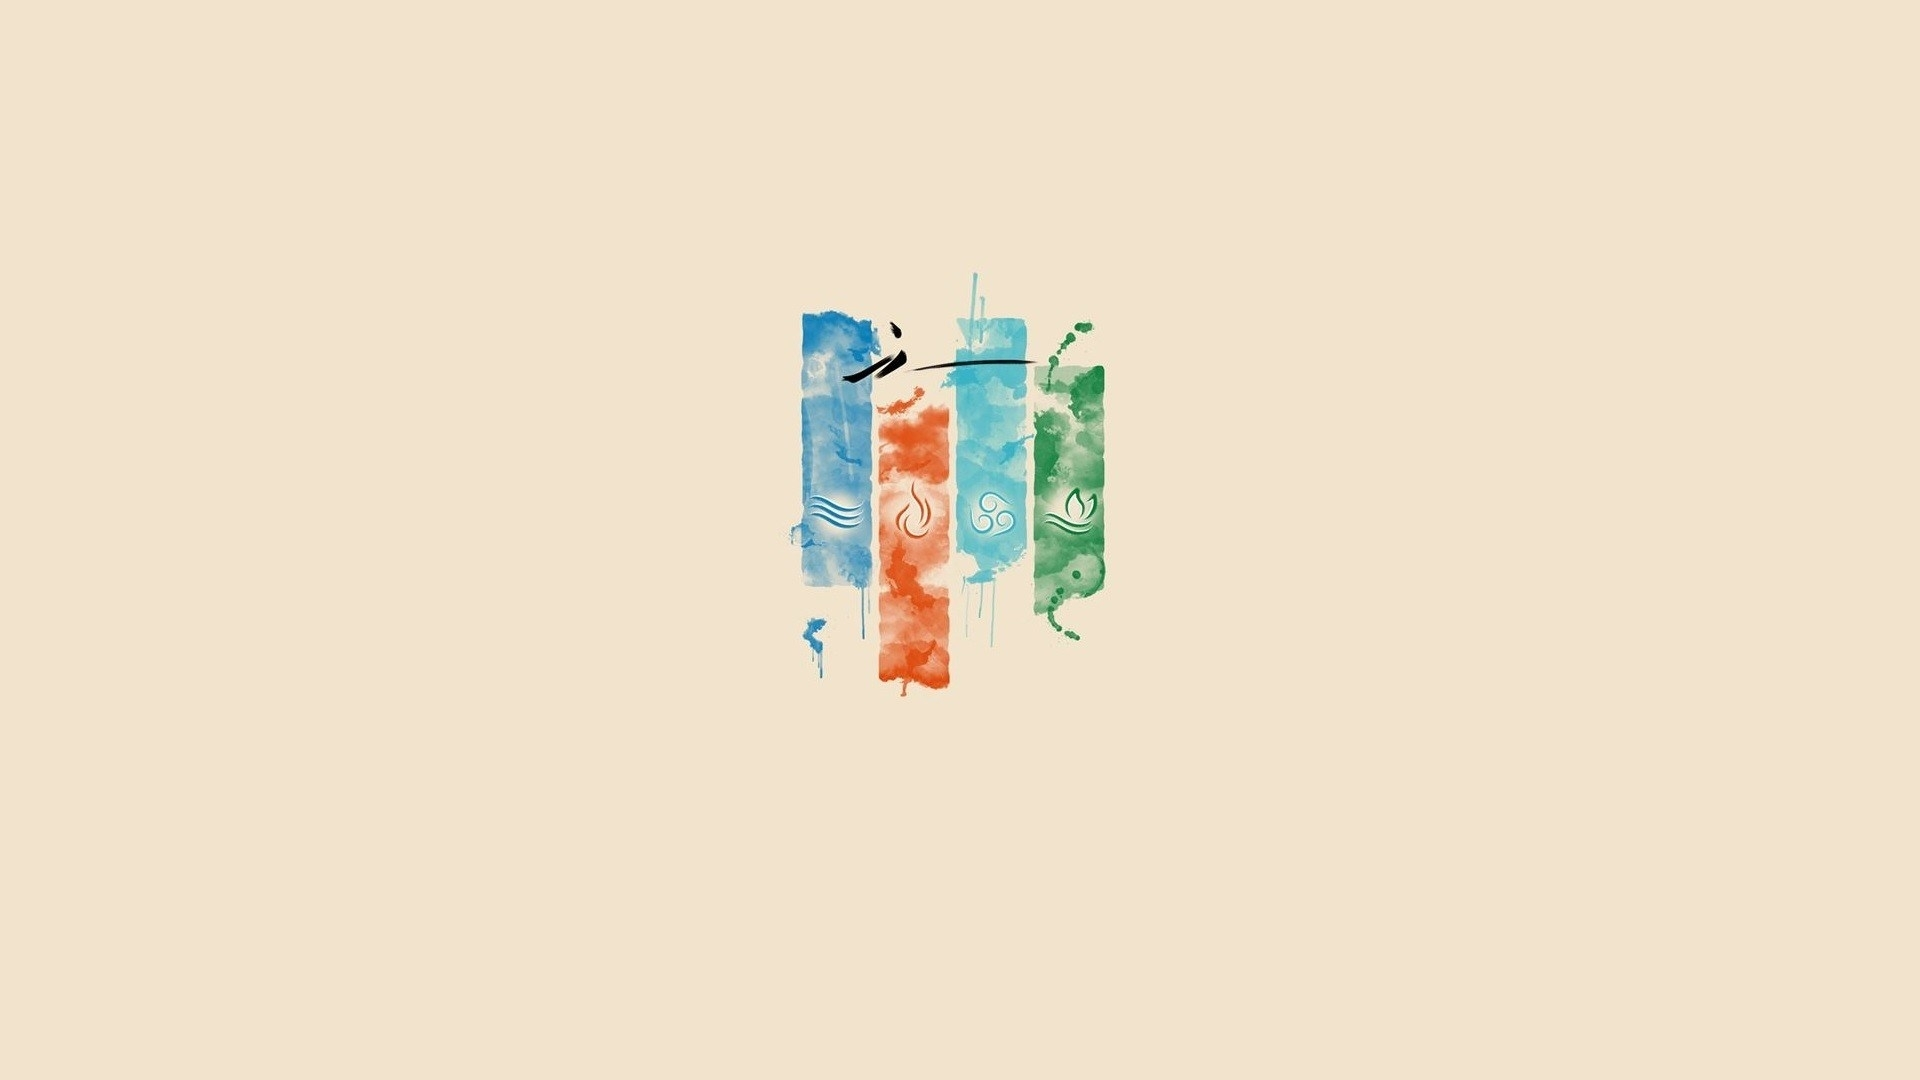 desktop wallpaper for avatar the last airbender | scream | pinterest